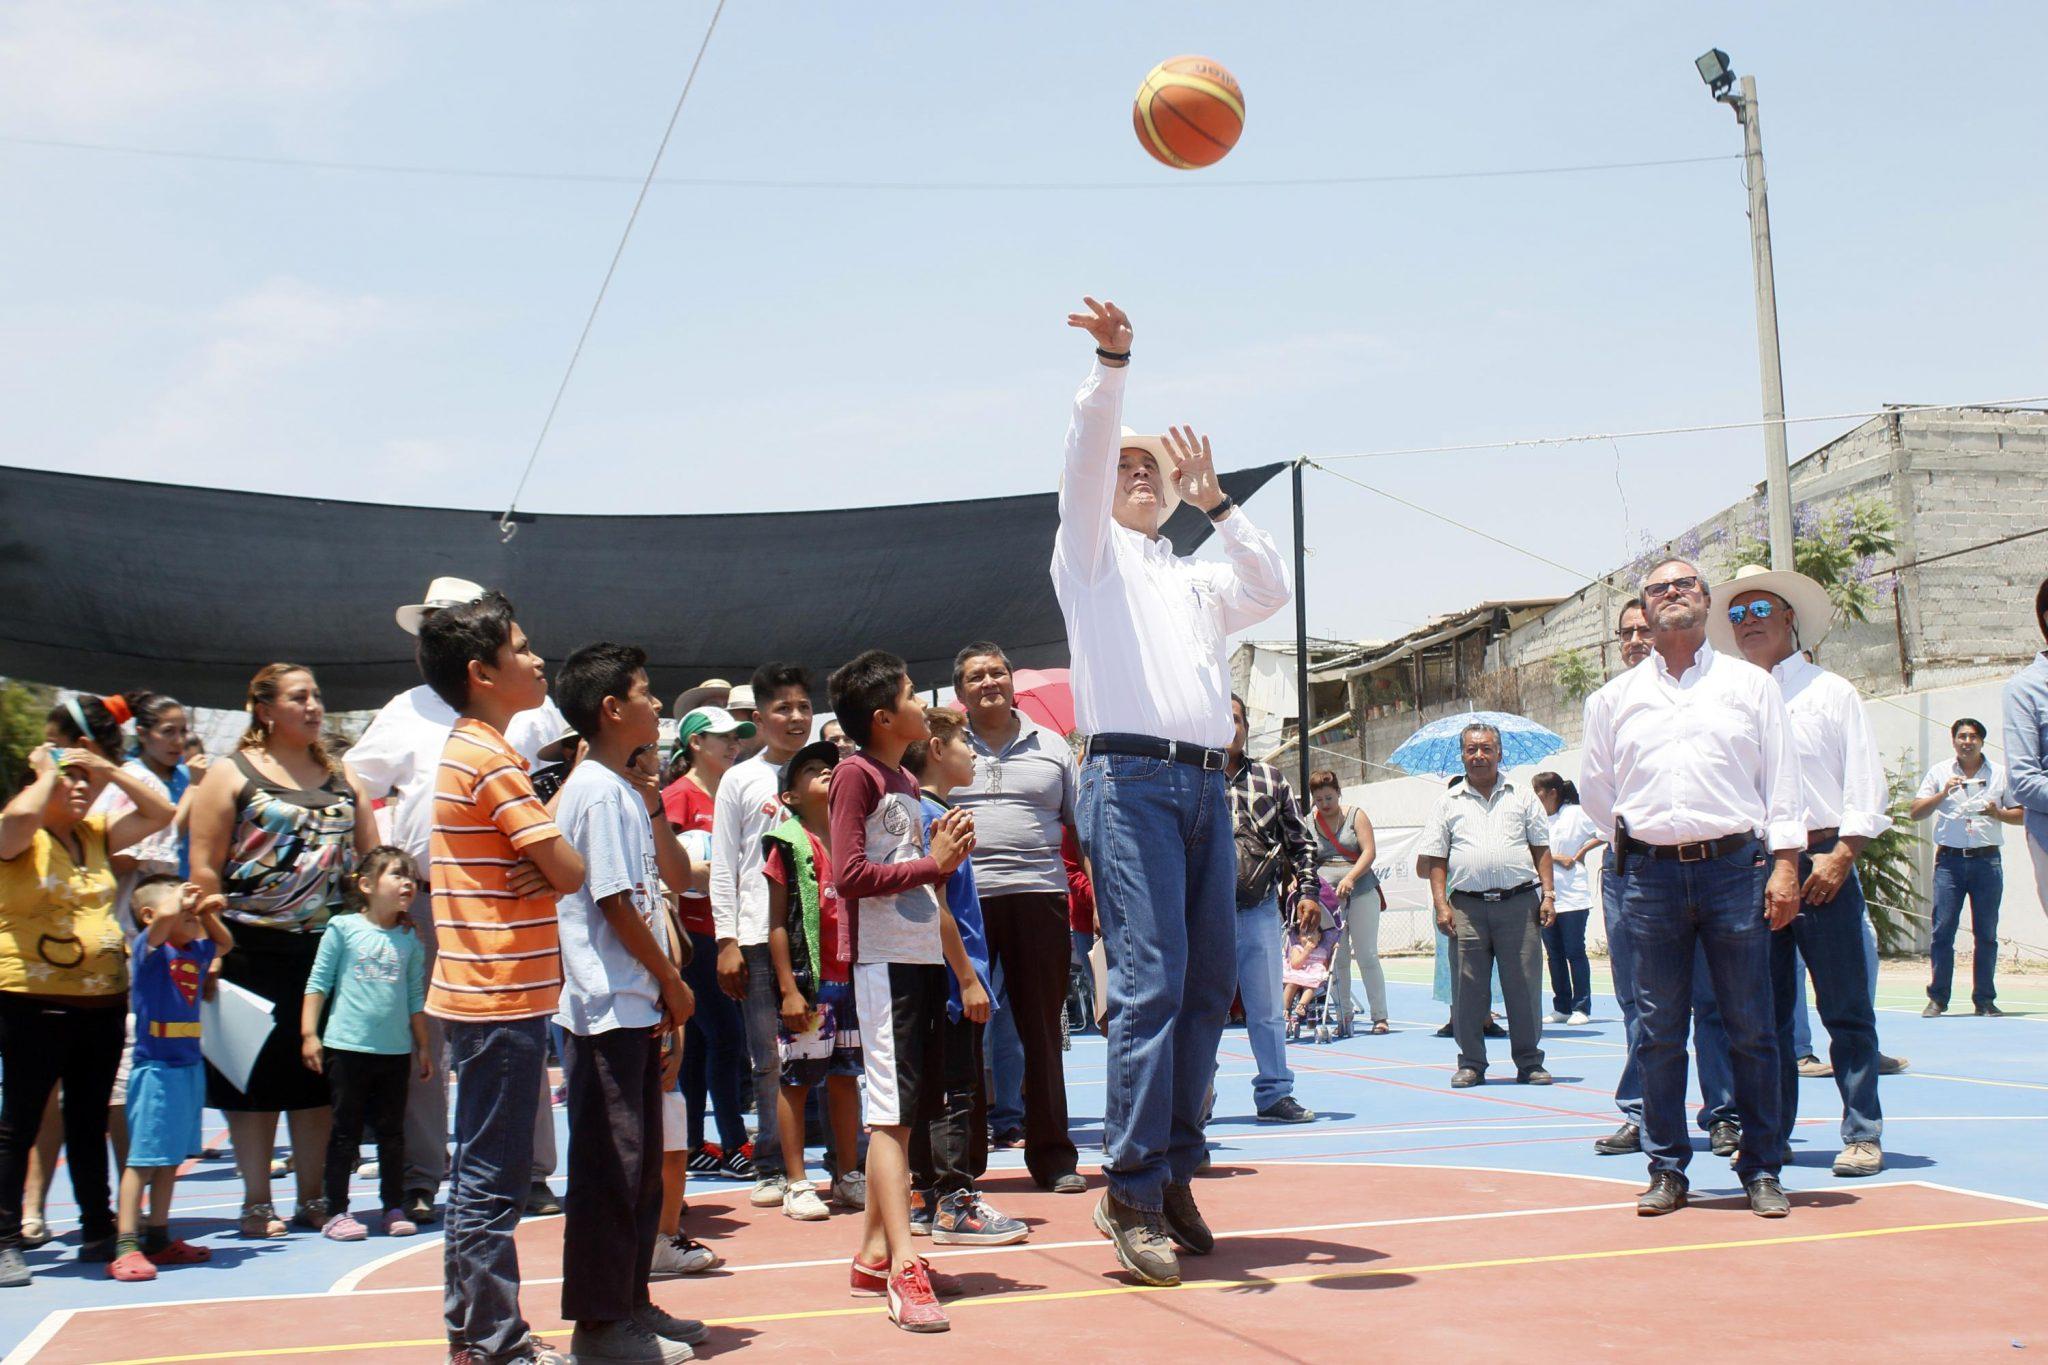 El alcalde Héctor López Santillana y el Dr. Antonio Rivera, director de COMUDE, entregaron la remodelación de la minideportiva de Lomas de Medina.